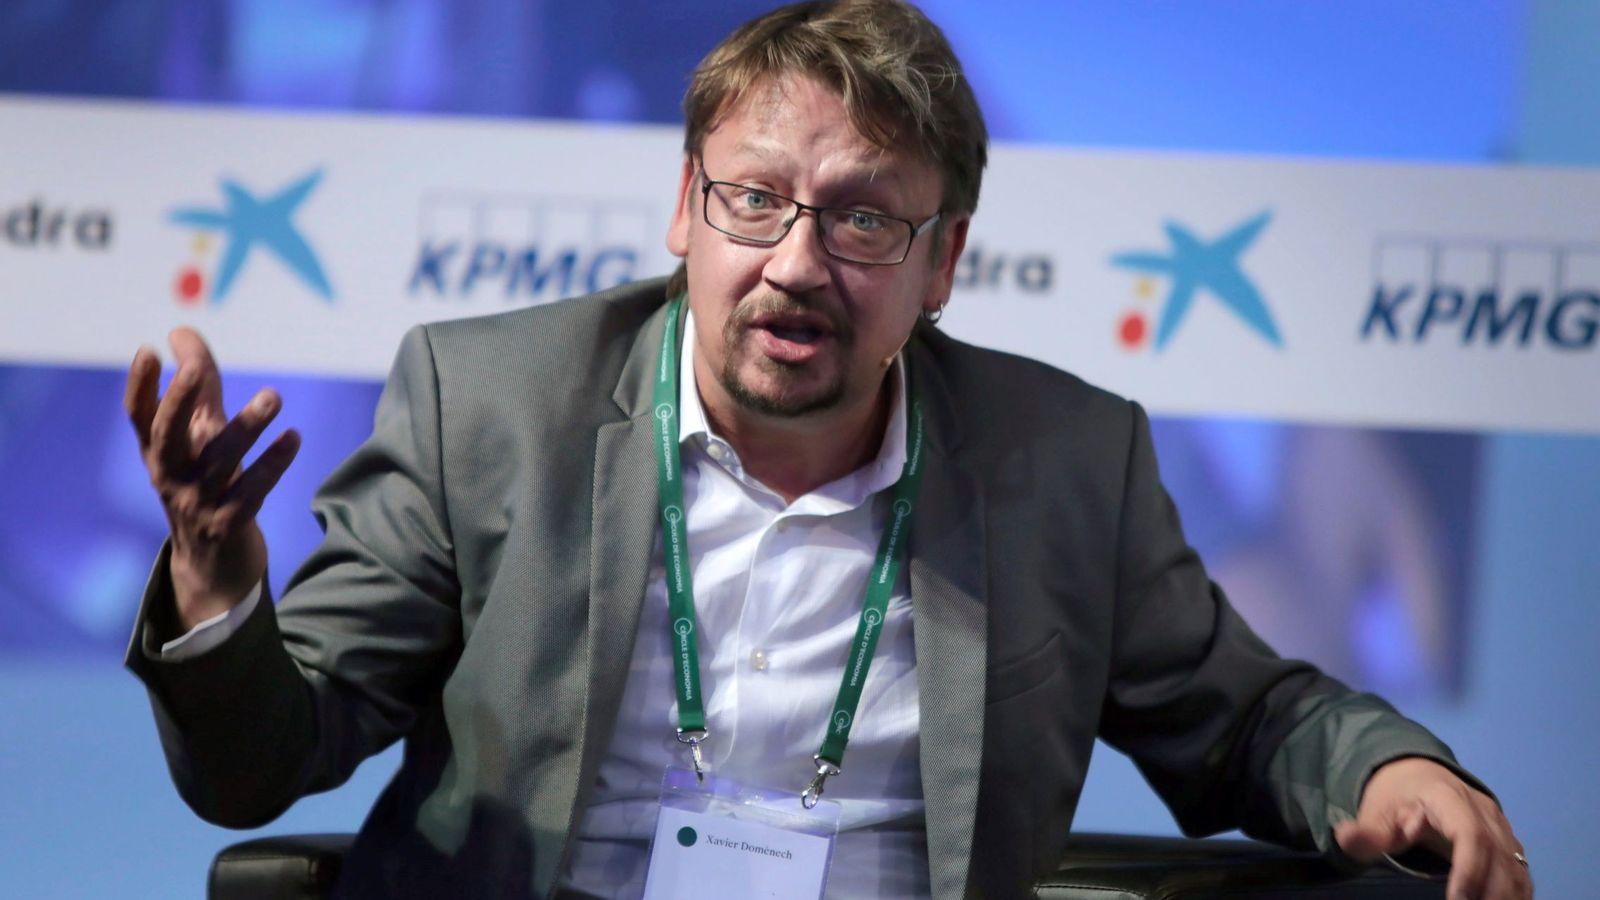 Foto: El ex secretario general de Catalunya en Comú Podem Xavier Domènech, durante un debate de la XXXIV Reunión Anual del Círculo de Economía. (EFE)